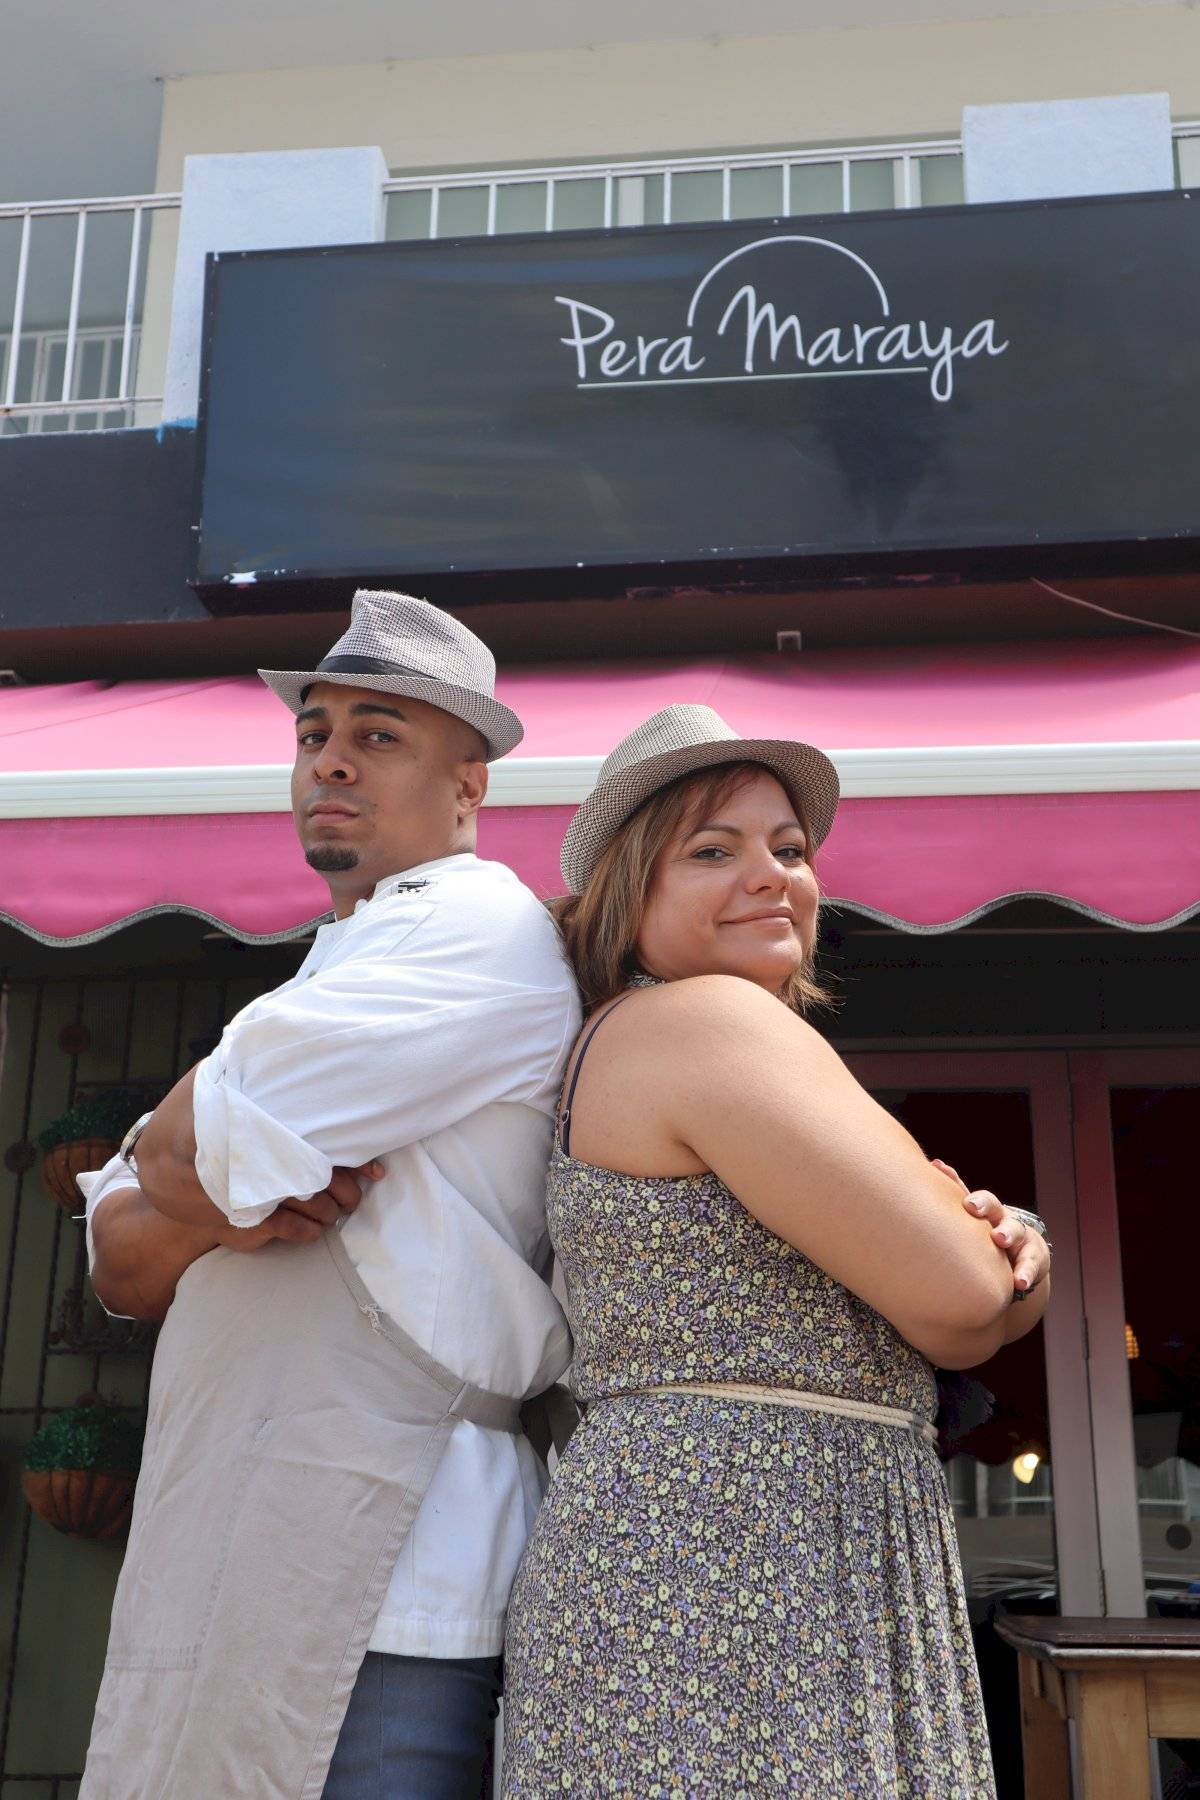 José Sánchez y Saskia Martínez, propietarios de Pera Maraya. l Fotos por Perla Alessandra Hernández